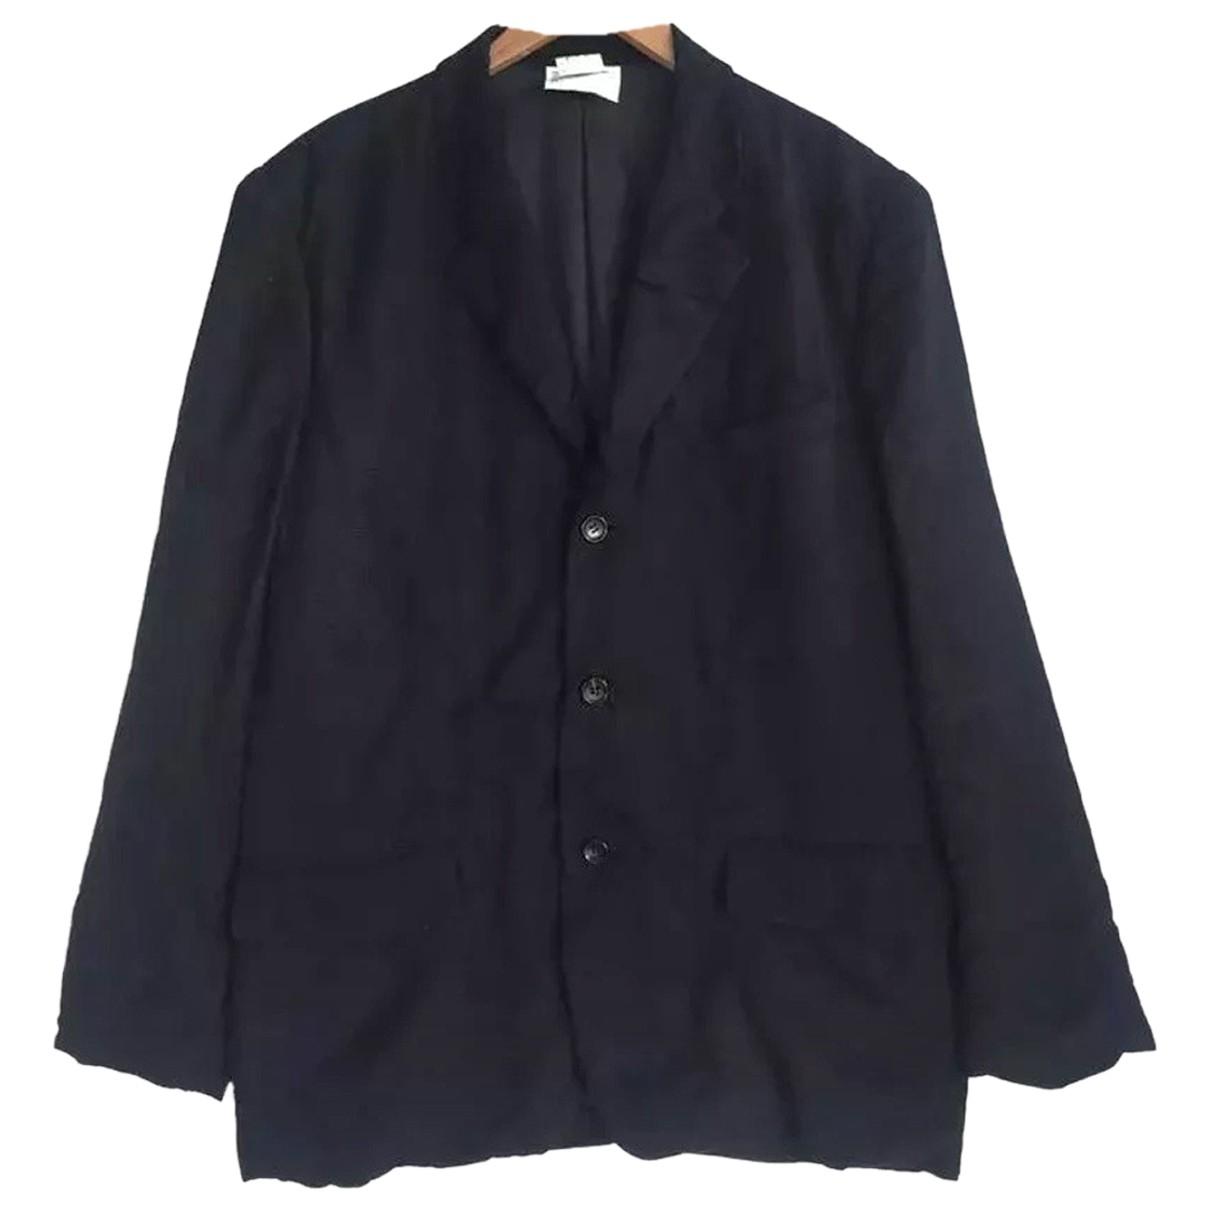 Comme Des Garcons \N Black jacket  for Men S International